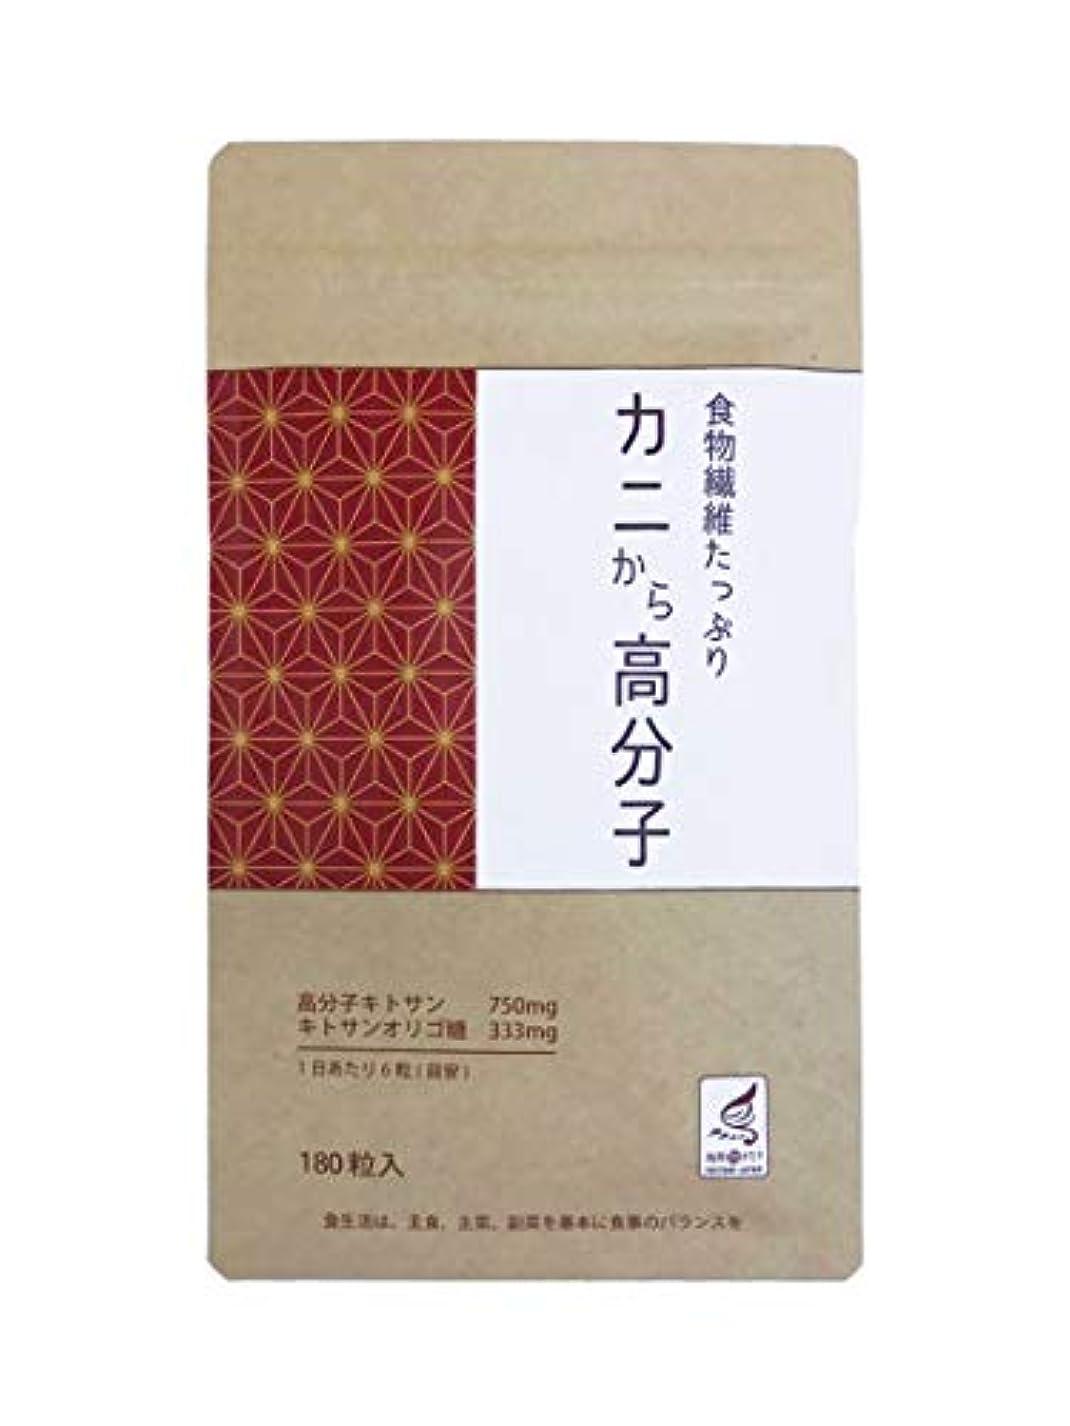 キトサン&キトサンオリゴ糖「カニから高分子」/【CC】